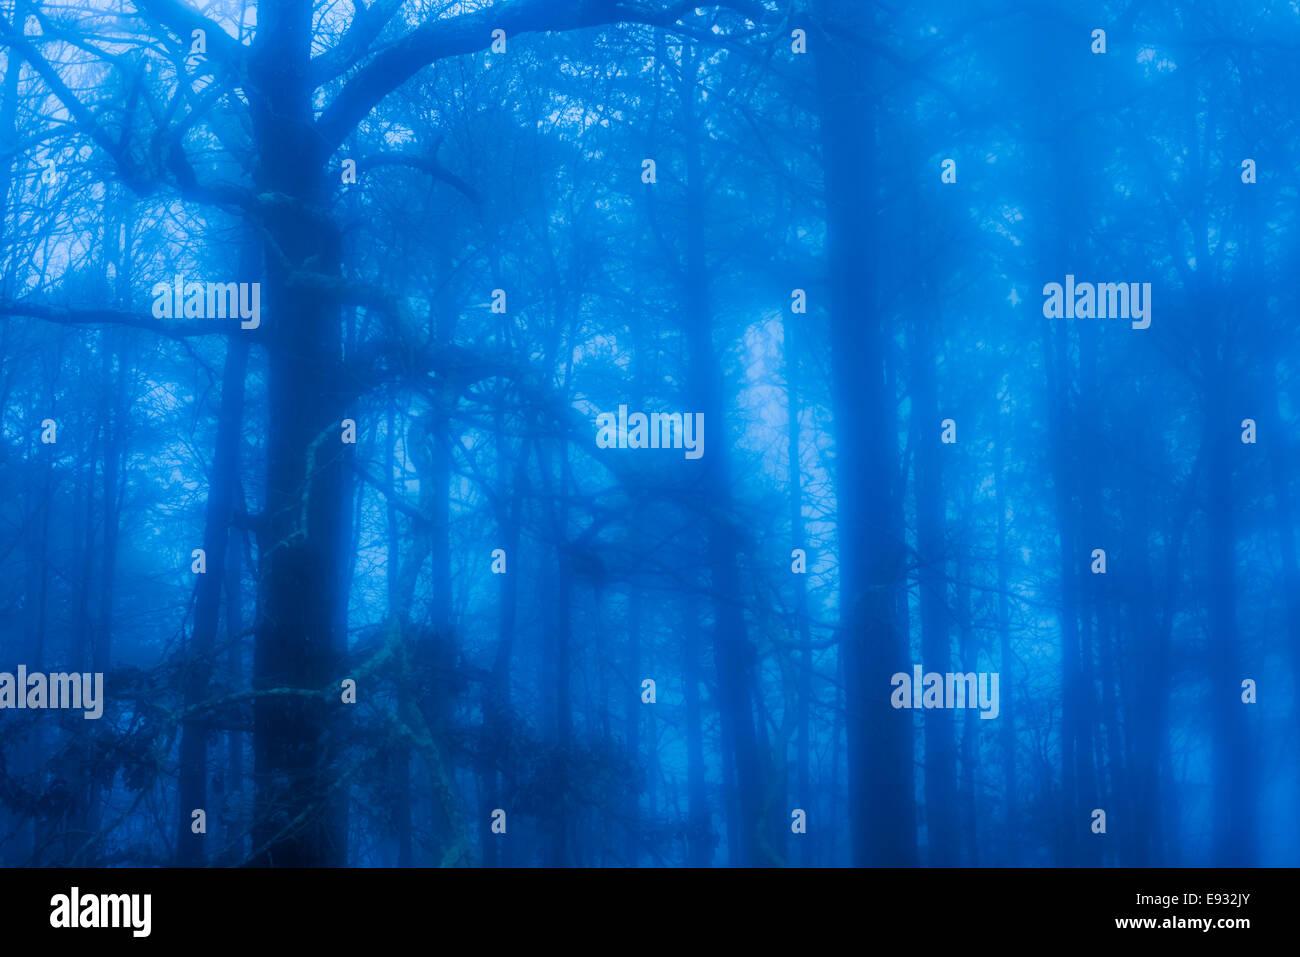 Dark, foreboding forest in fog - Stock Image